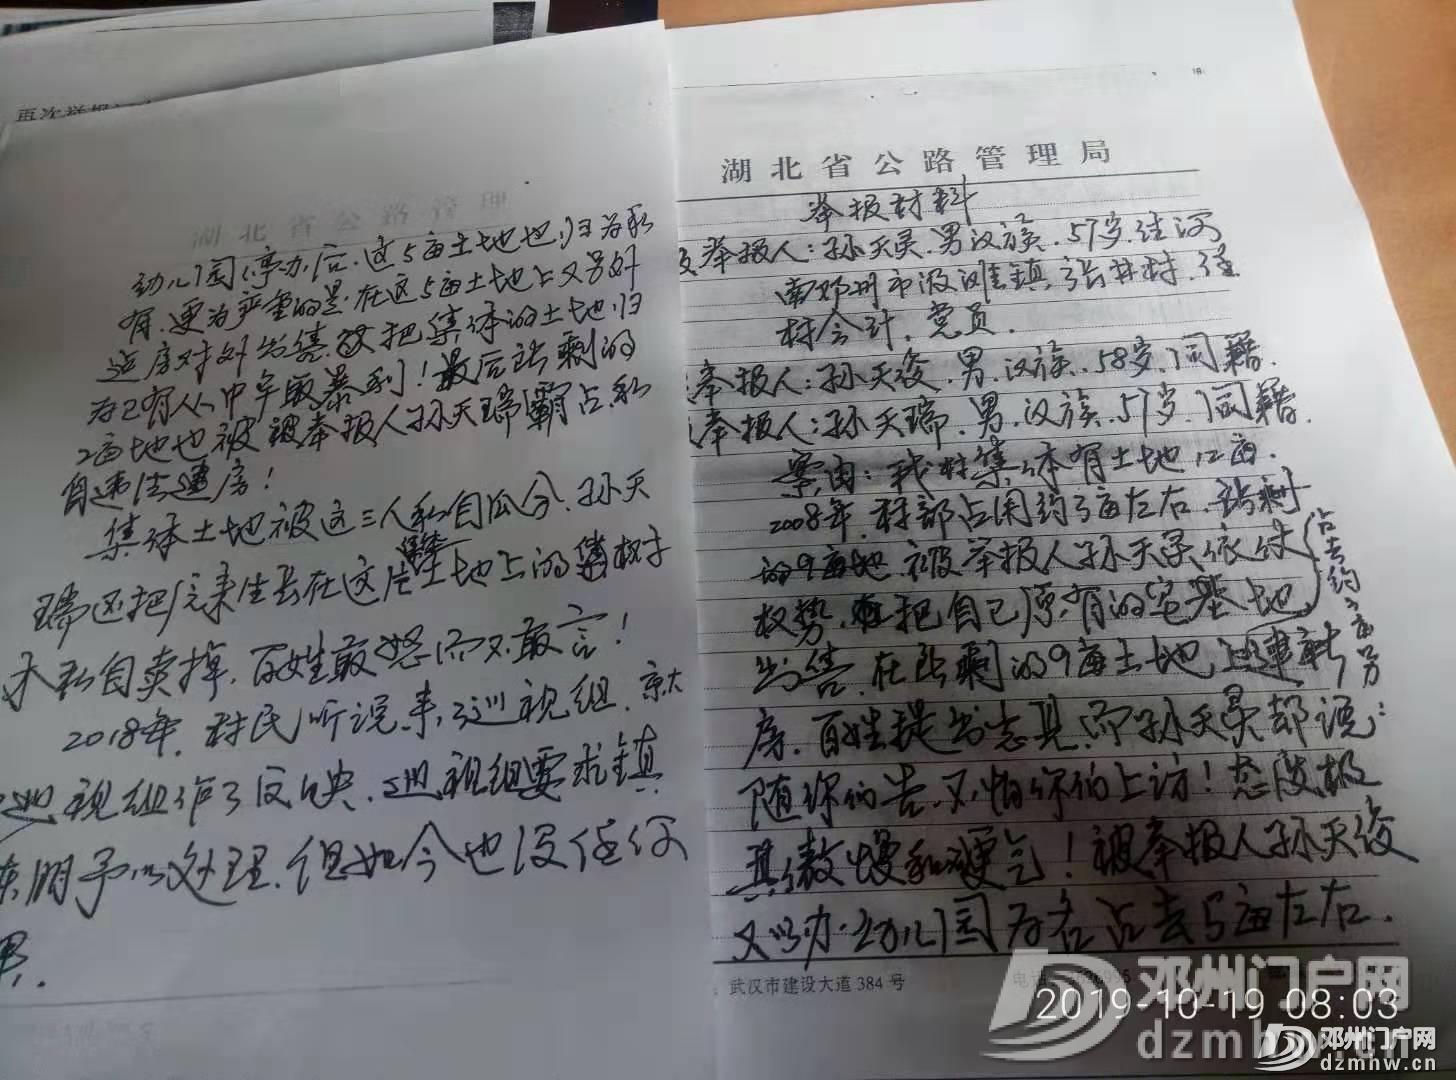 一封退伍军人给政府的信函 - 邓州门户网|邓州网 - 1571443305796697.jpg